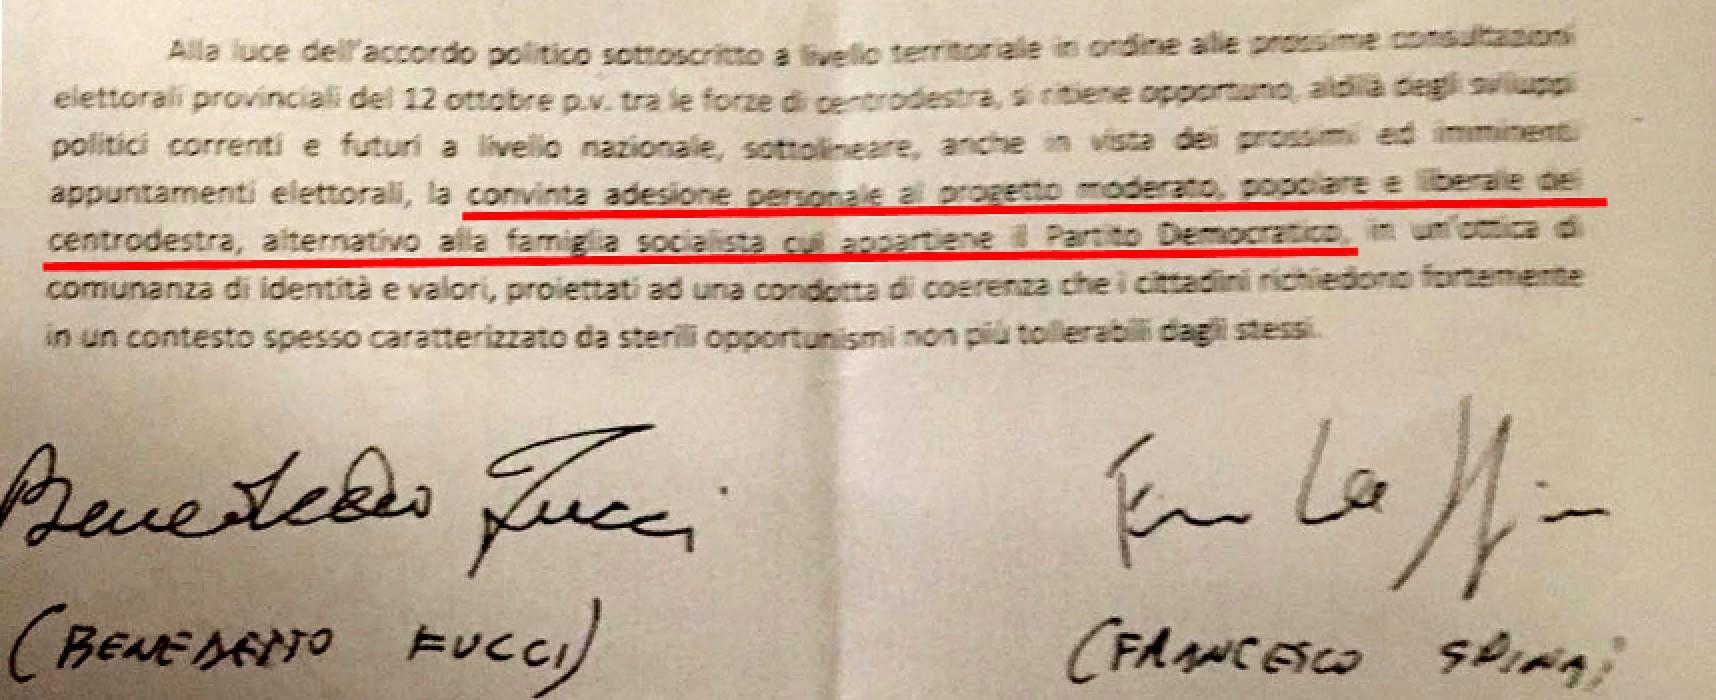 """Fucci mostra il documento segreto, Spina sottoscrisse """"Convinta adesione al centrodestra"""""""